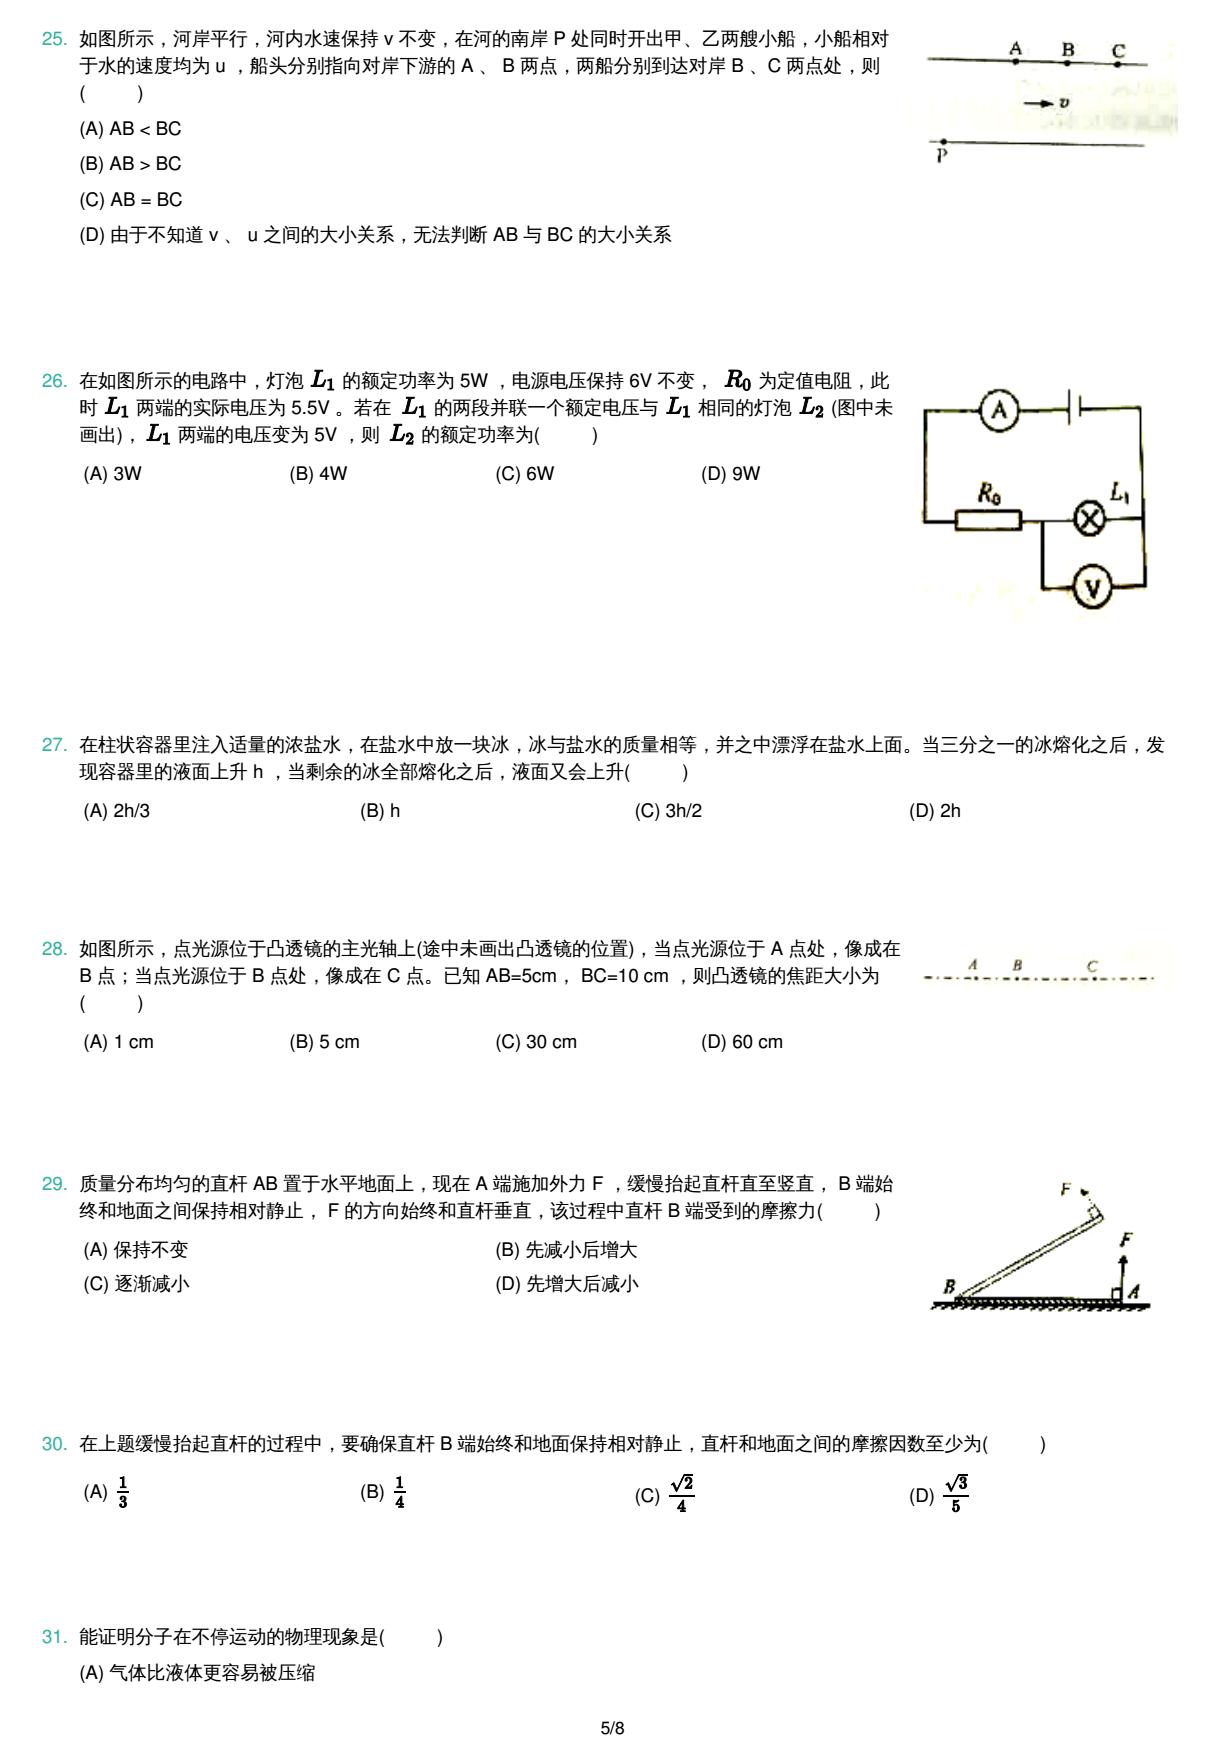 """2017上海第31届""""大同杯""""物理竞赛初赛试题及答案(图片版)"""